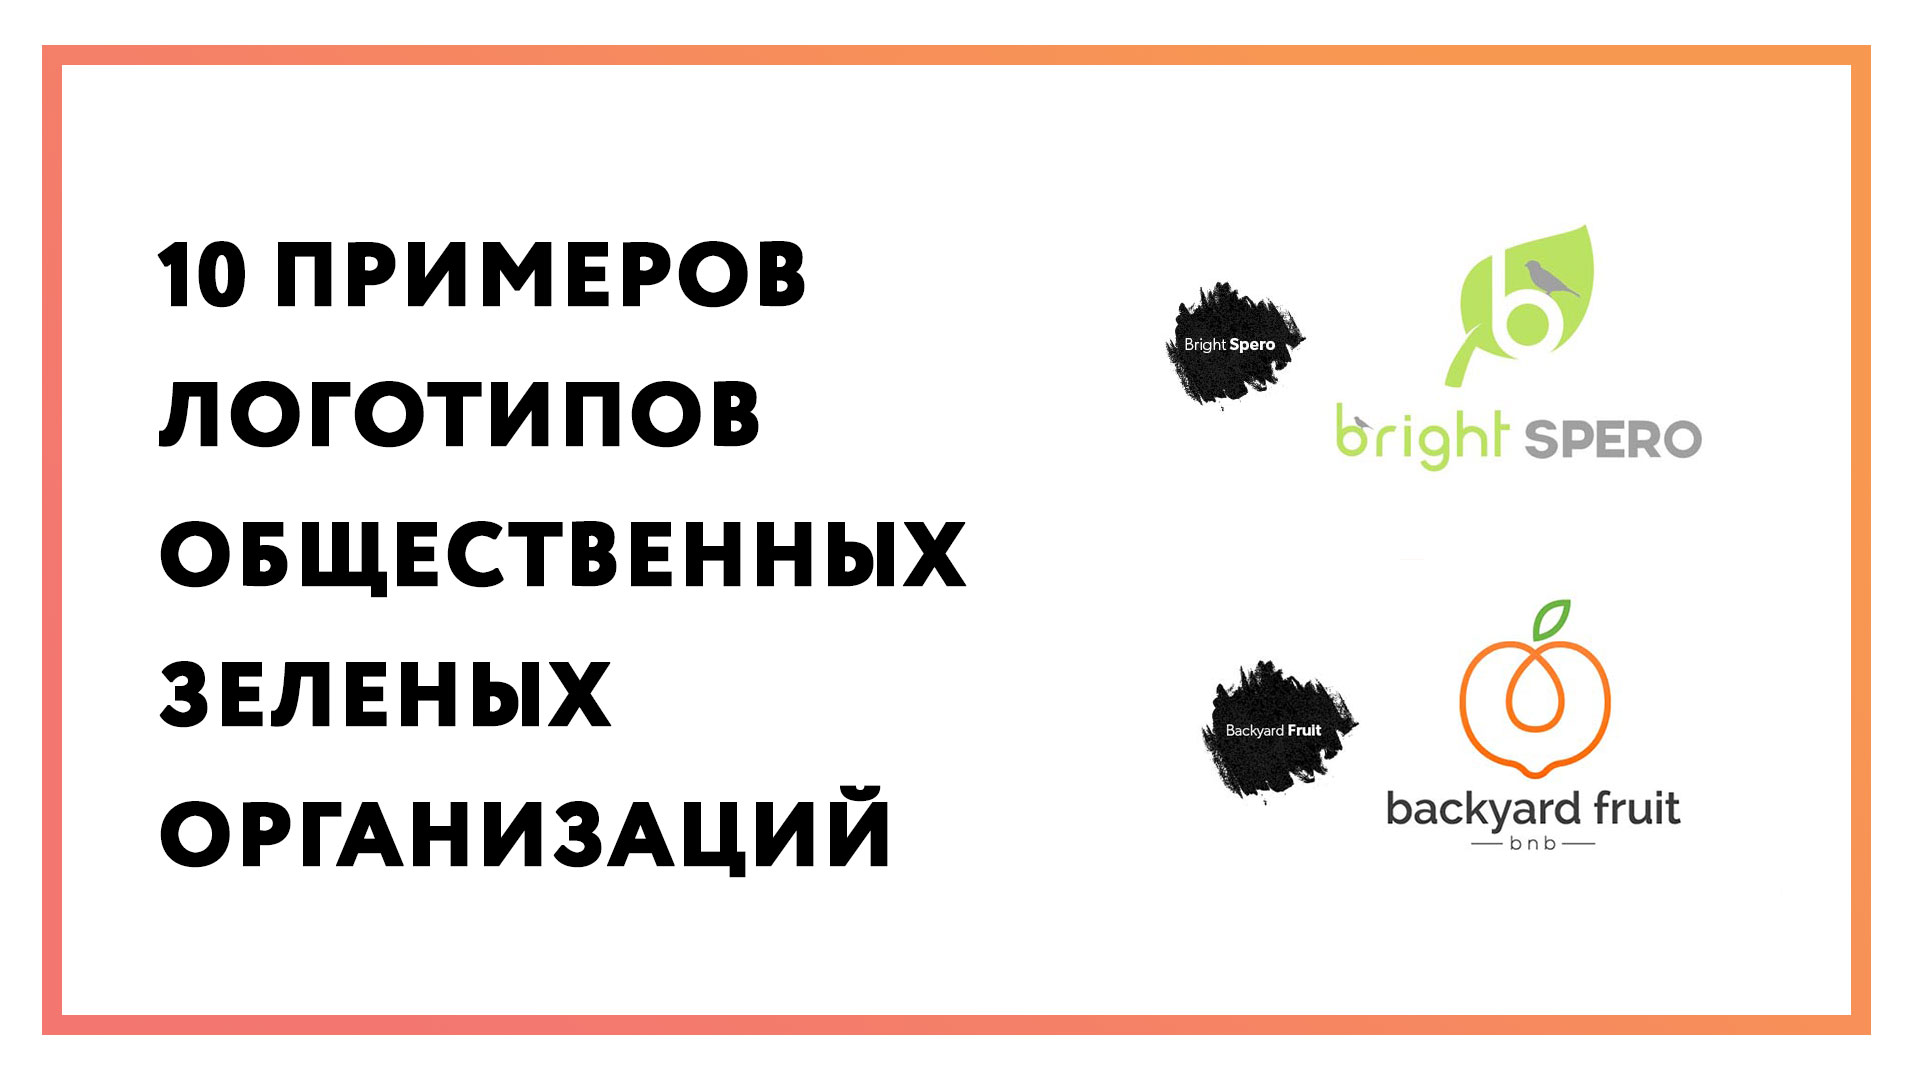 10-примеров-логотипов-общественных-зеленых-организаций.jpg